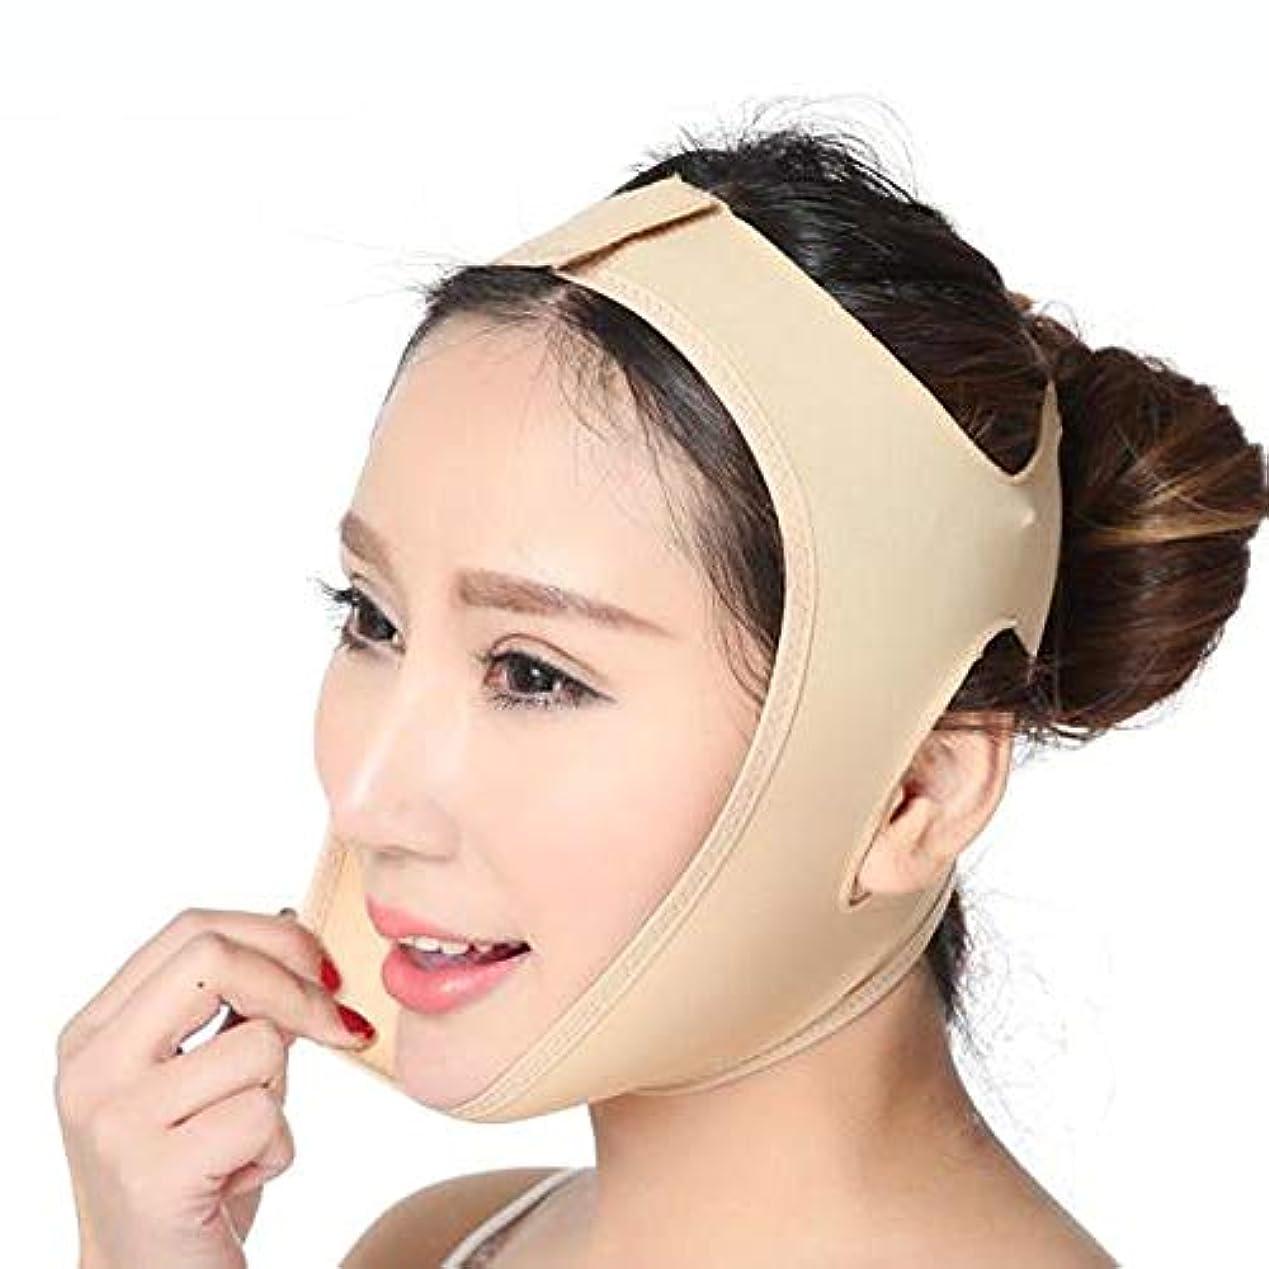 崇拝しますユニークな平等薄い顔ベルト、超薄型通気性の二重あごアンチリンクルリフティングフェイシャルマスクファーミングフェイスVフェイス手術シェーピングベルト (Color : A)